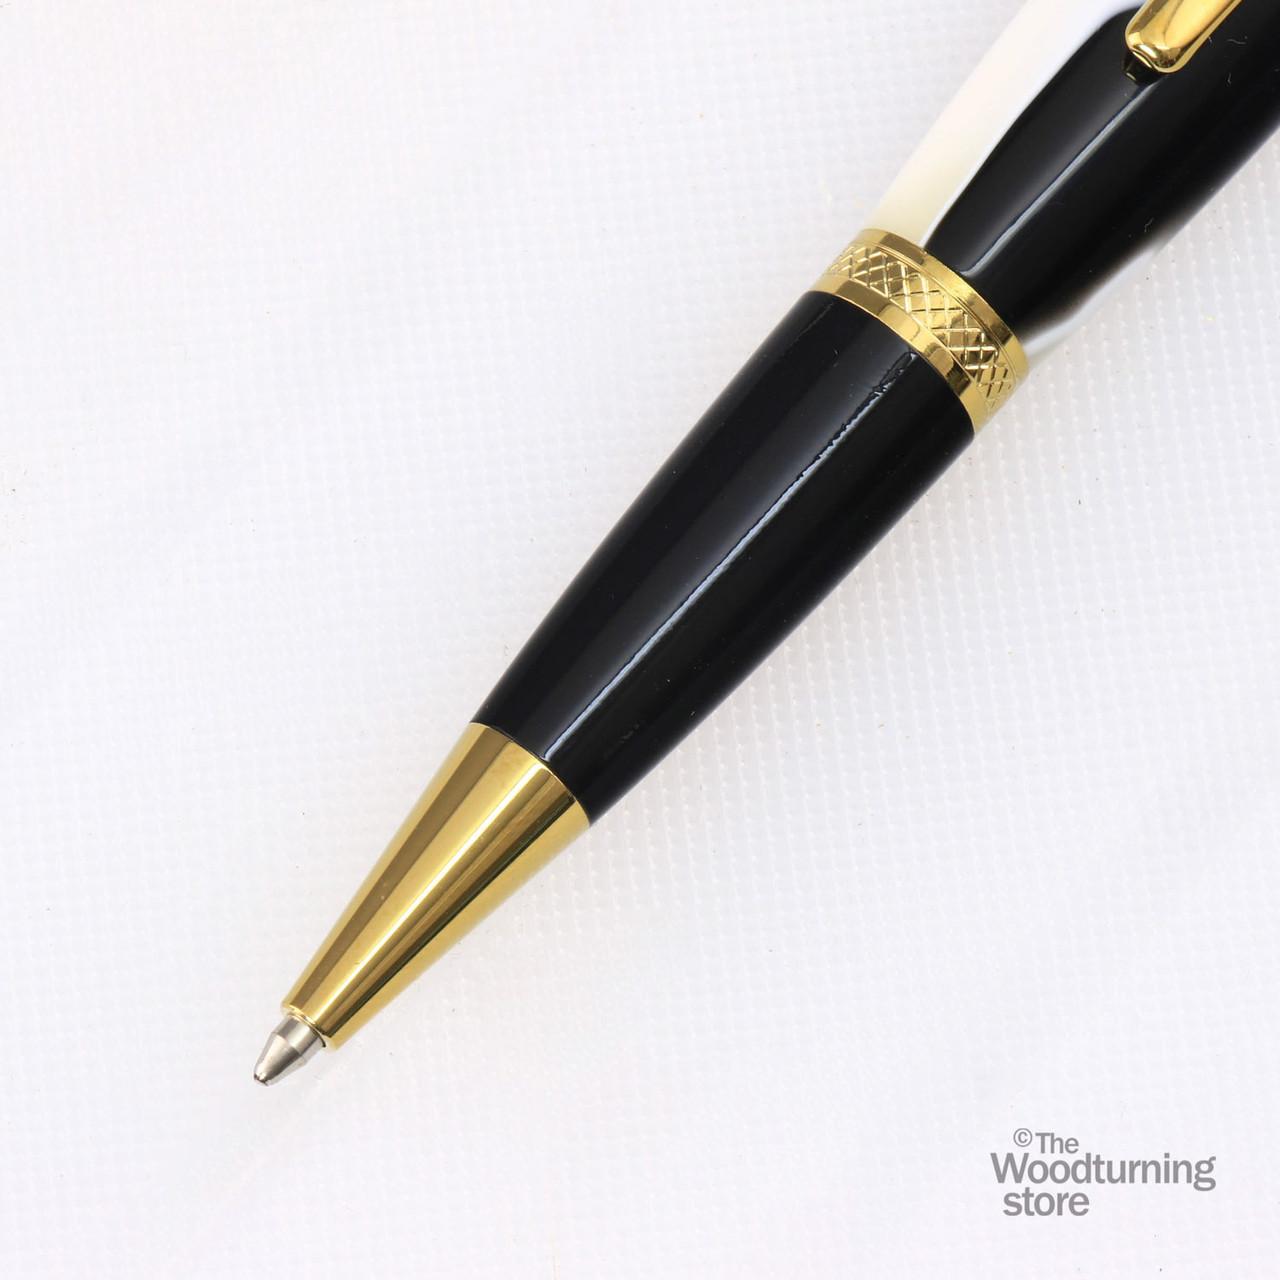 Legacy Viceroy Pen Kit - Titanium Gold / Black Chrome